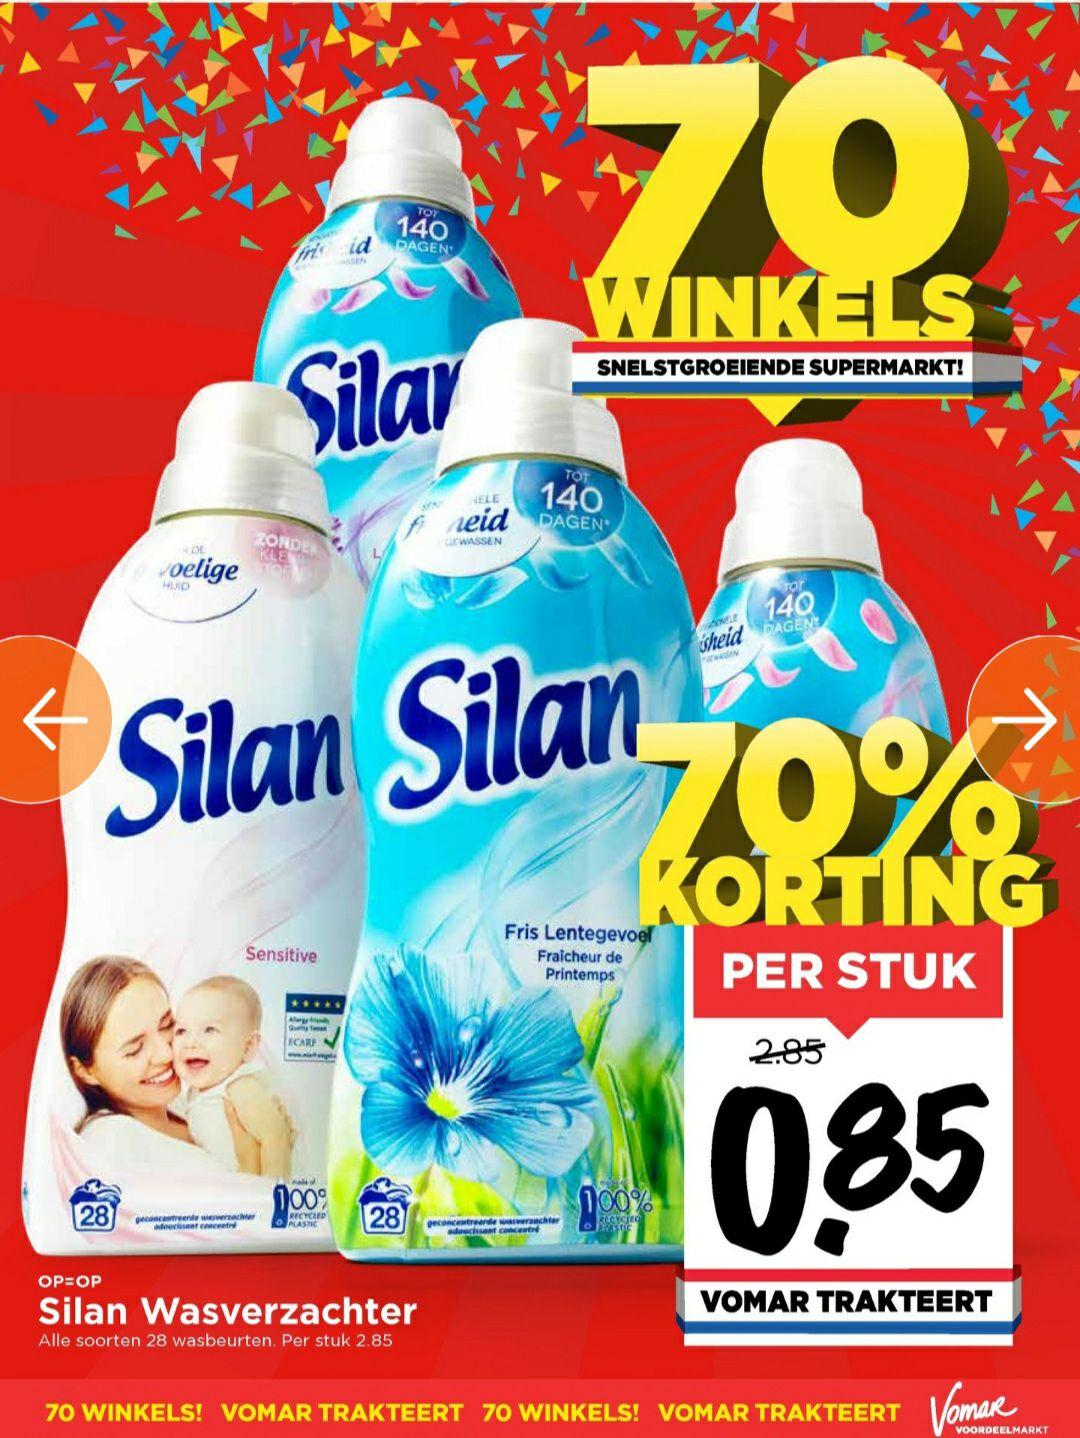 Silan wasverzachter 700 ml // 28 wasbeurten voor €0,85 per stuk @Vomar